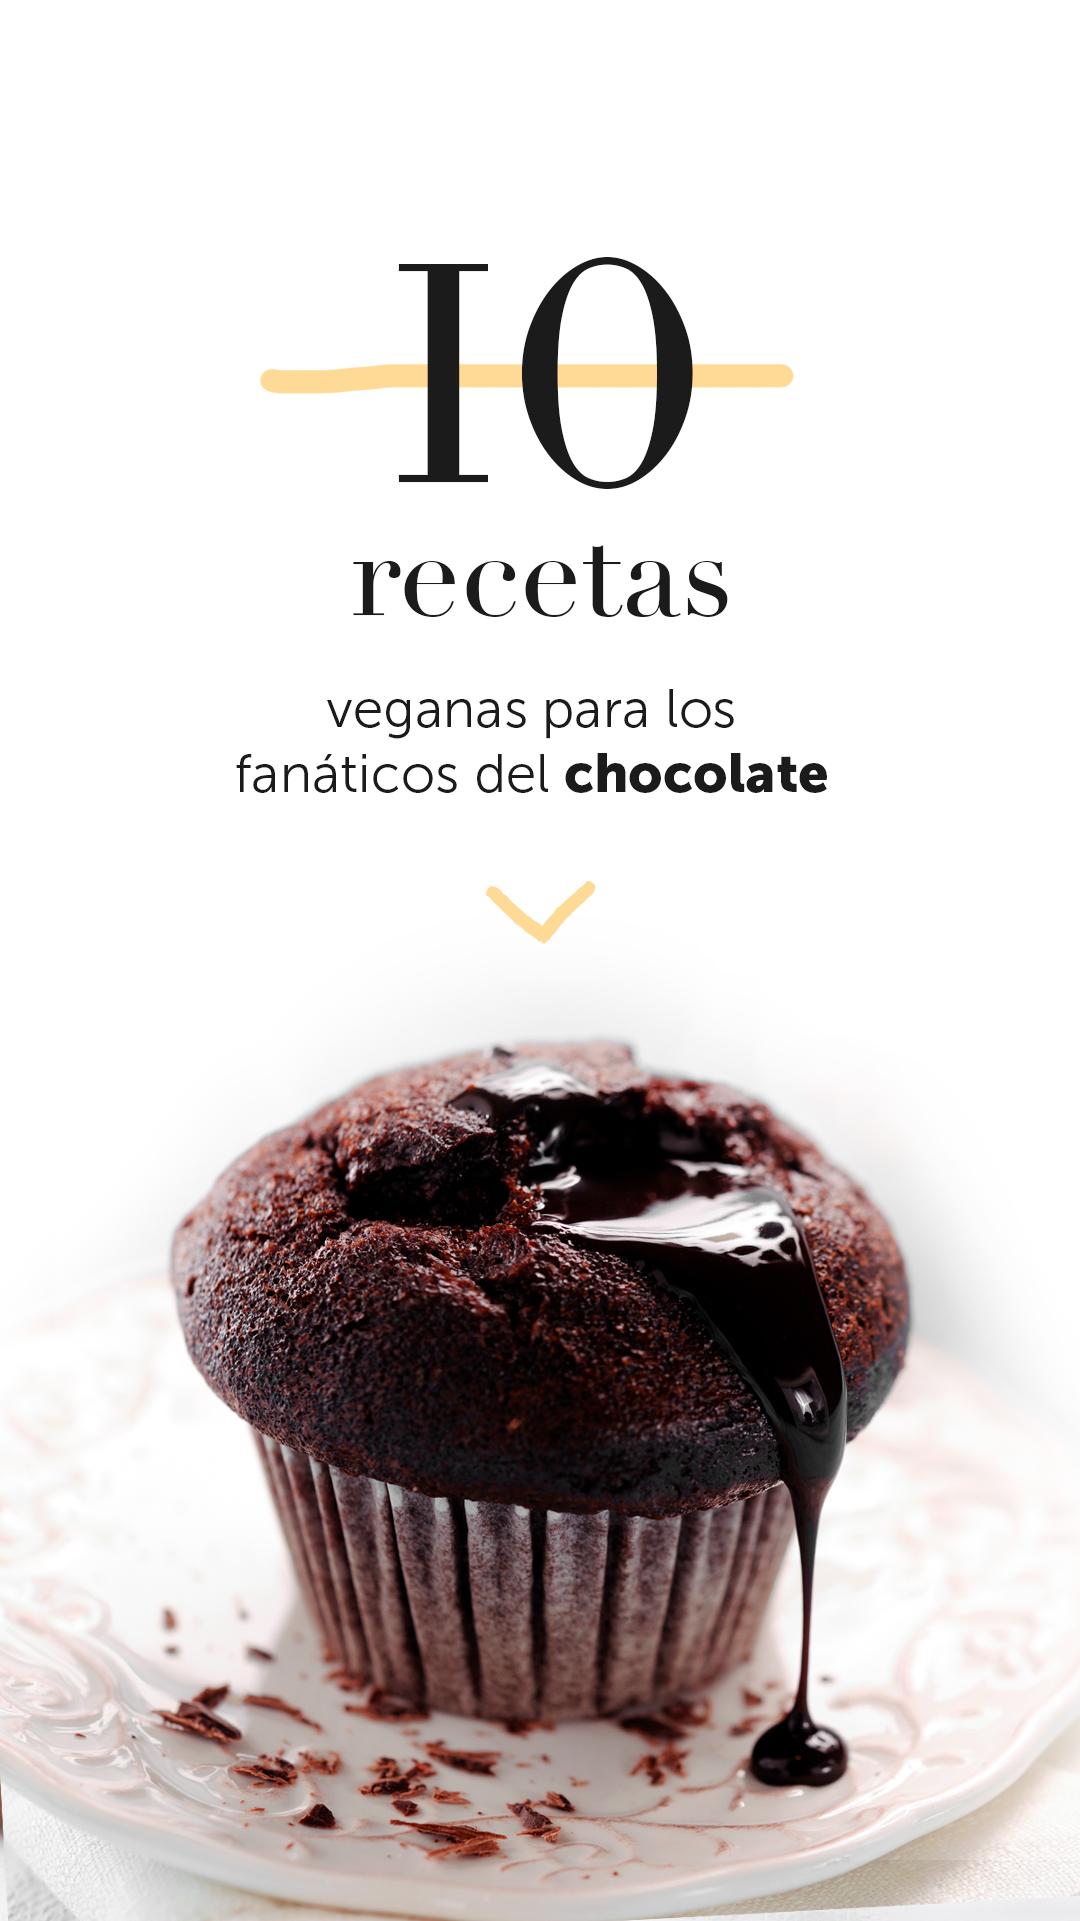 10 recetas veganas para los fanáticos del chocolate